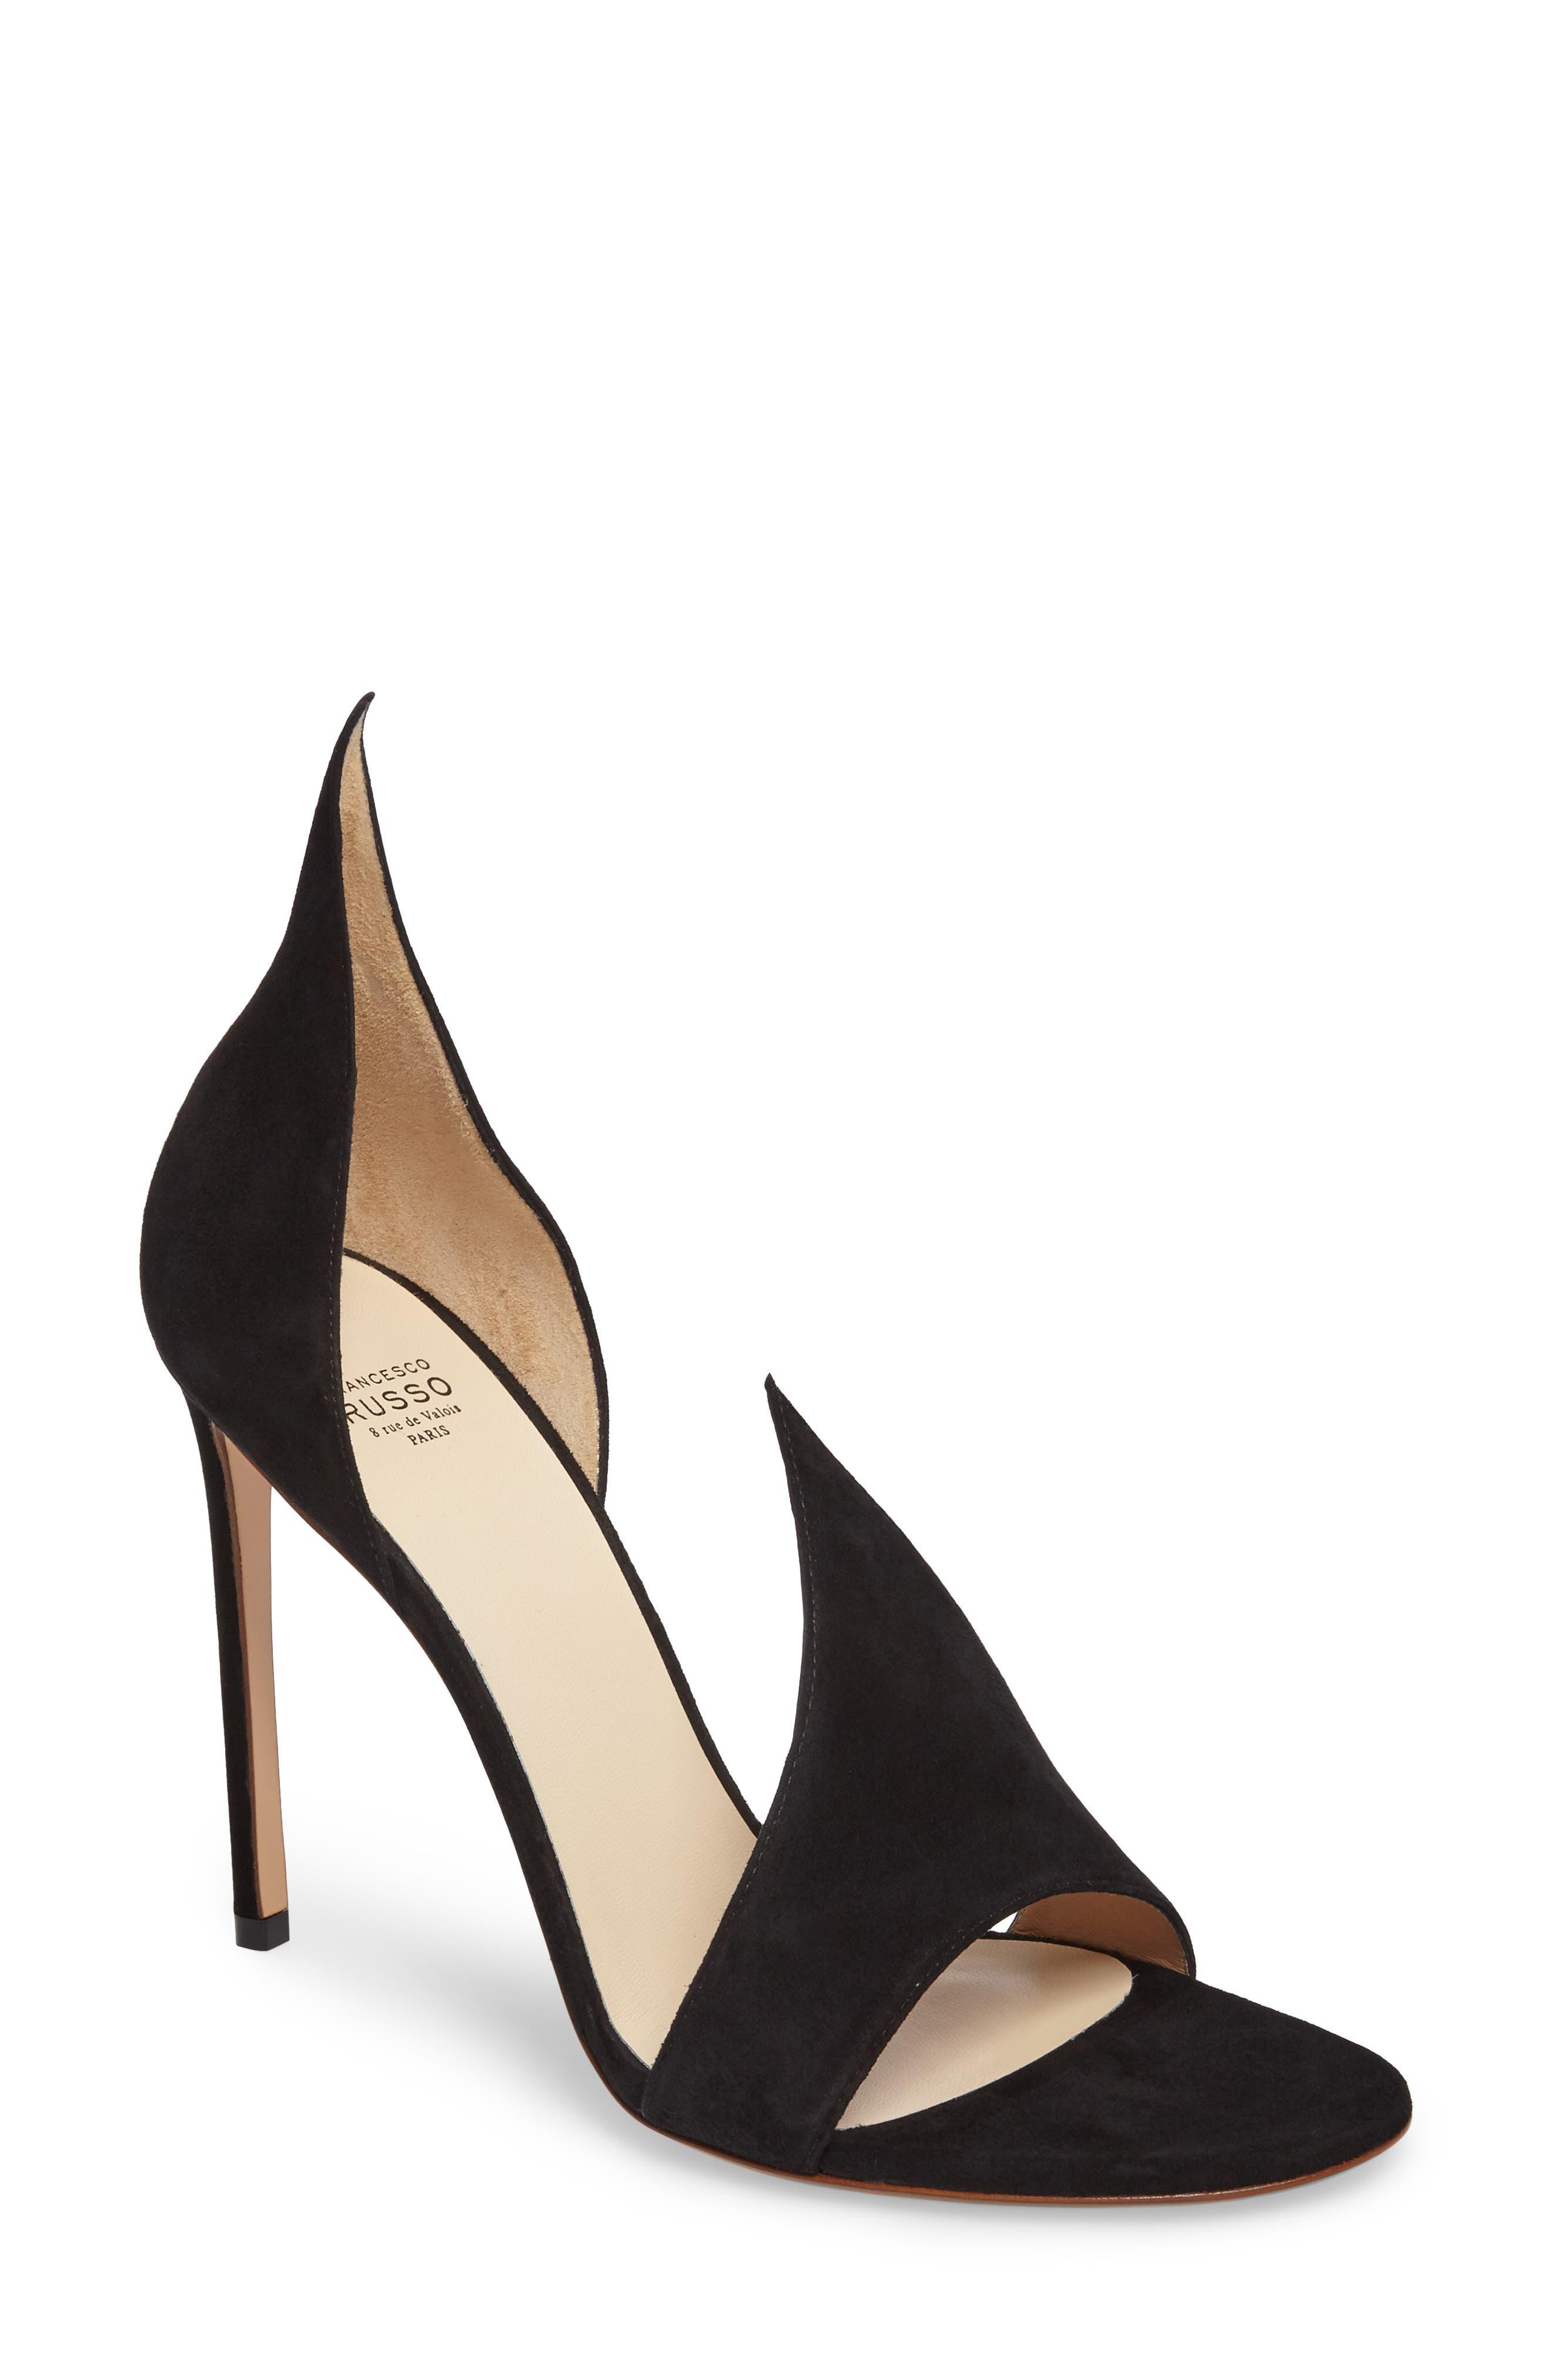 FRANCESCO RUSSO Flame Sandal, Main, color, BLACK